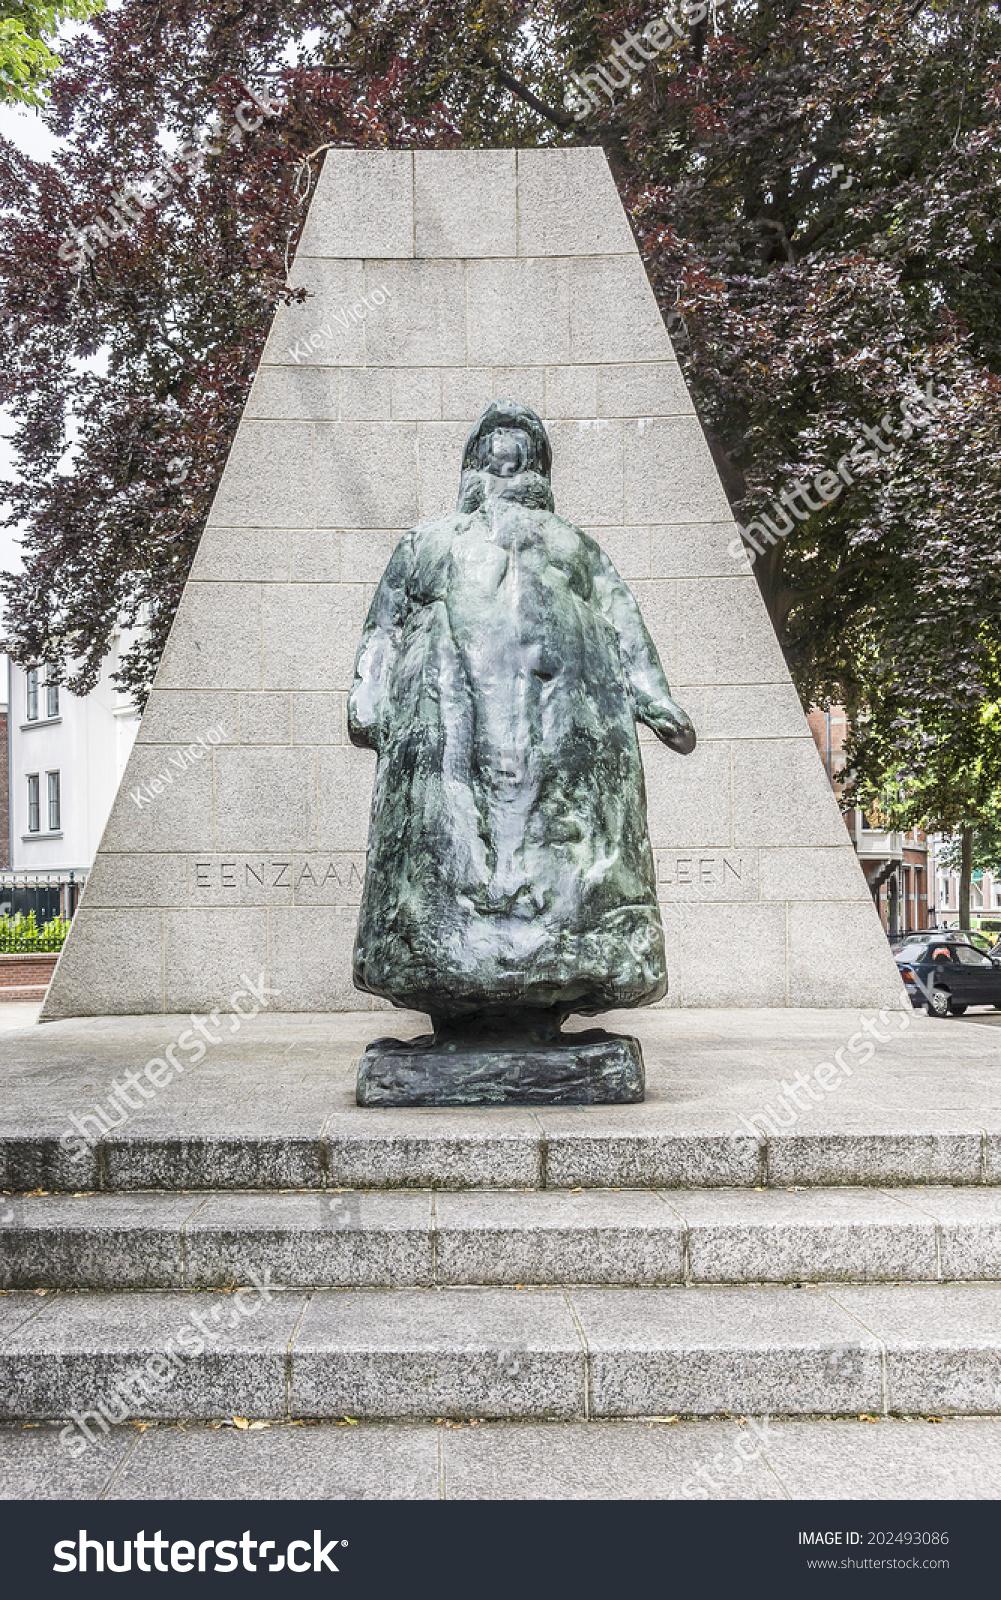 Goede Statue Queen Wilhelmina Eenzaam Maar Niet Stock Photo (Edit Now XK-25